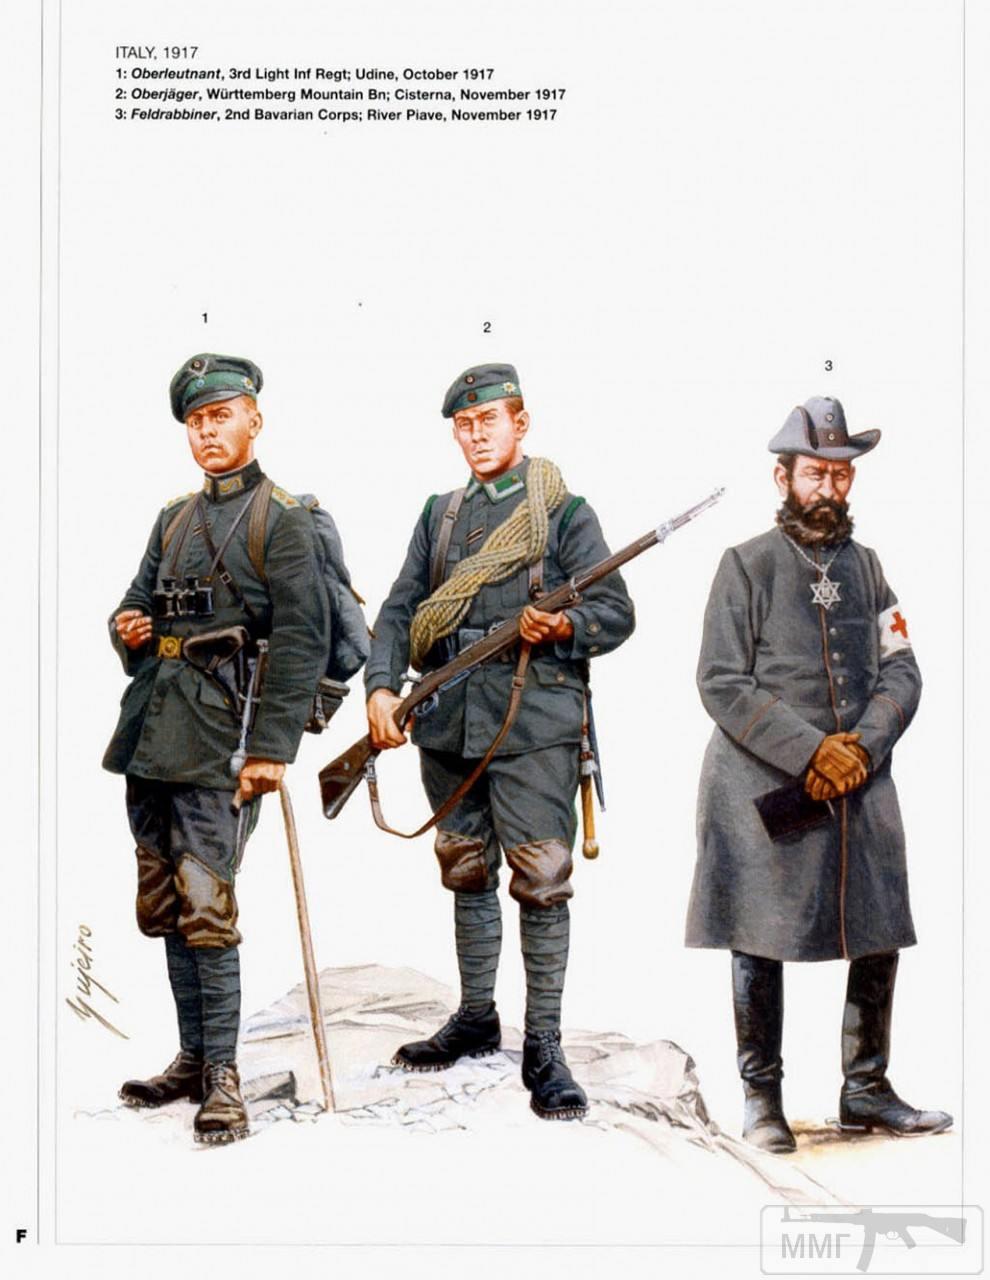 44398 - Первая Мировая, солдаты стран участниц.